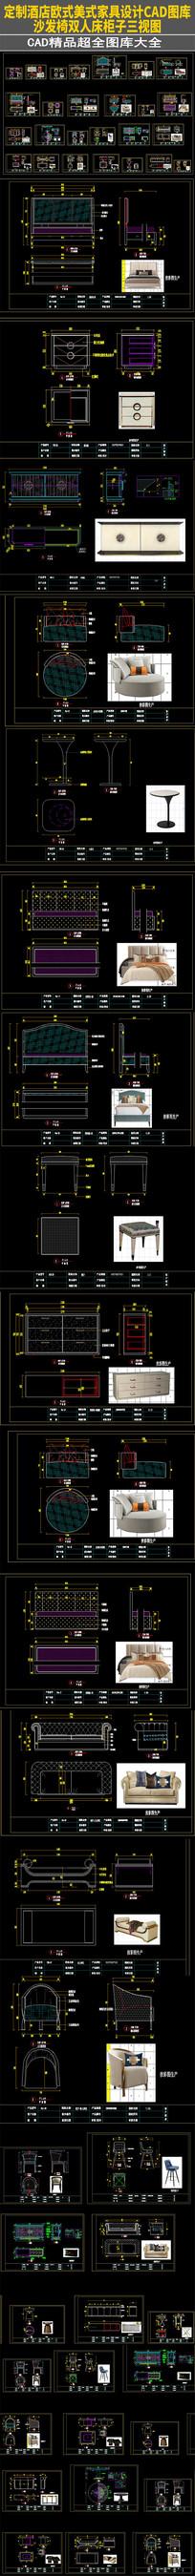 酒店欧式美式家具设计CAD图库